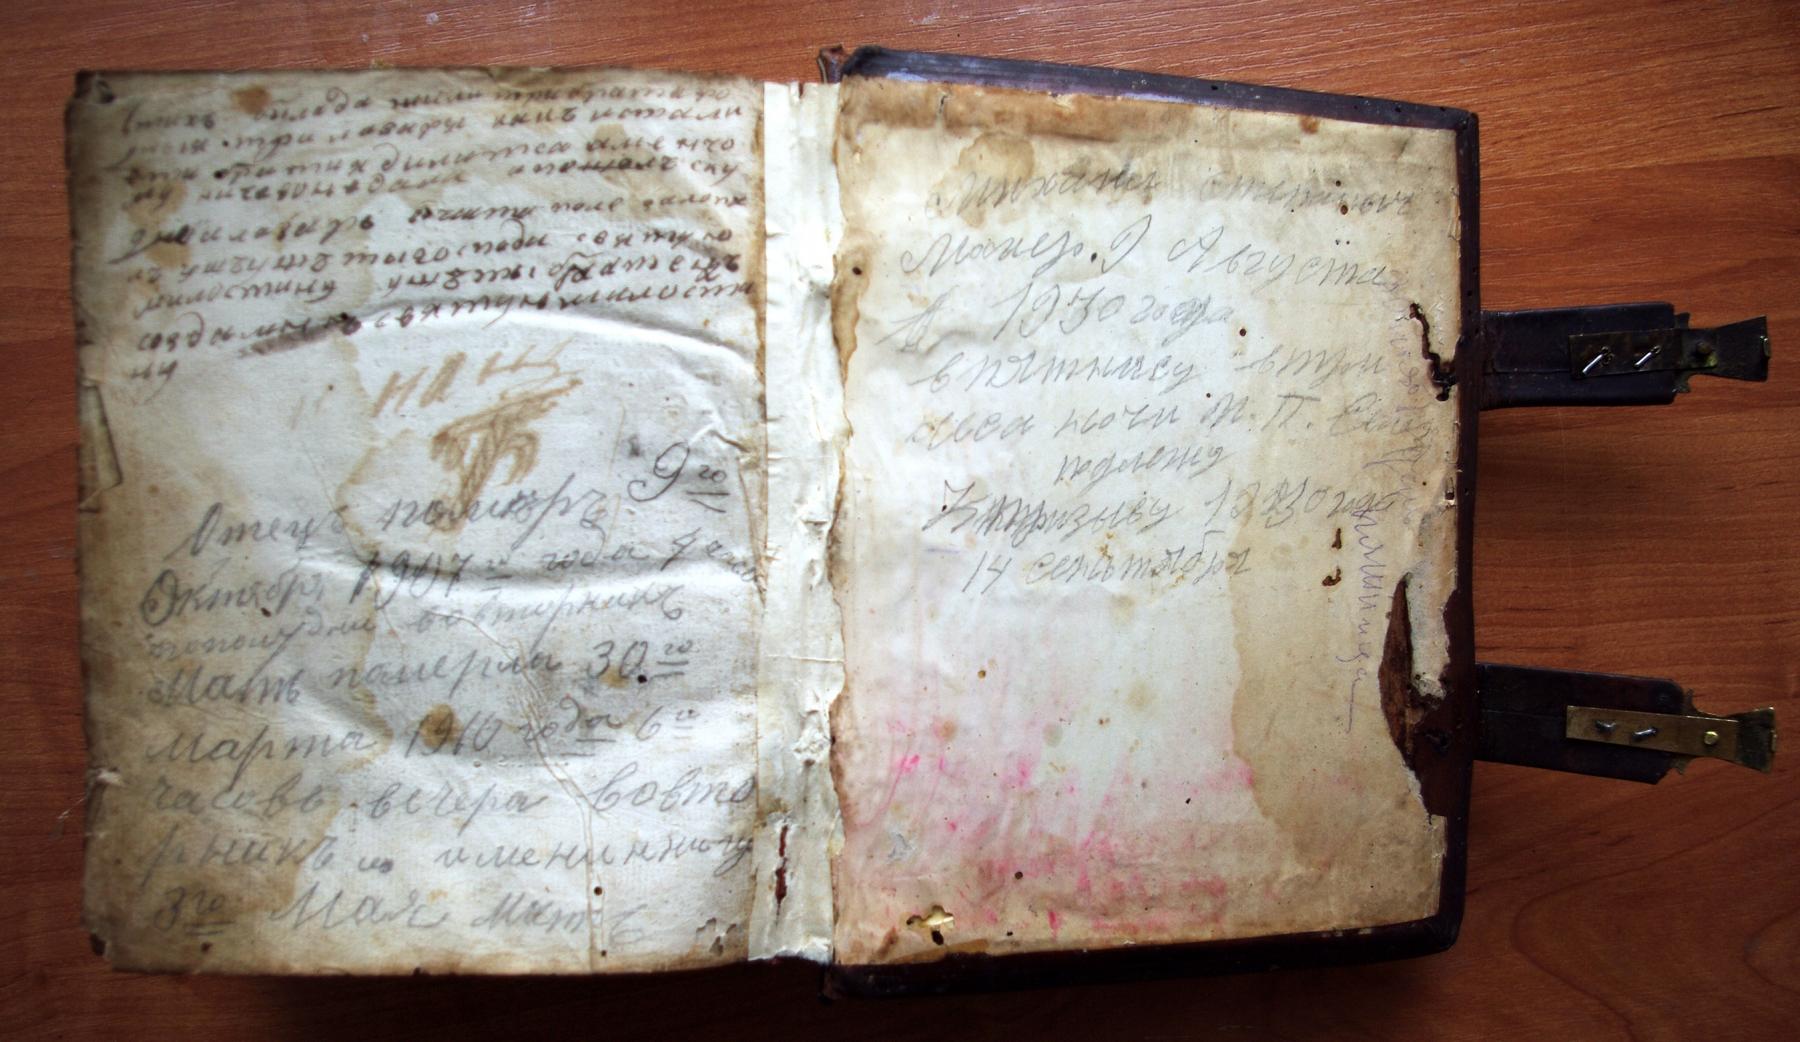 Псалтирь 19 века после реставрации. Последний лист блока и форзац.